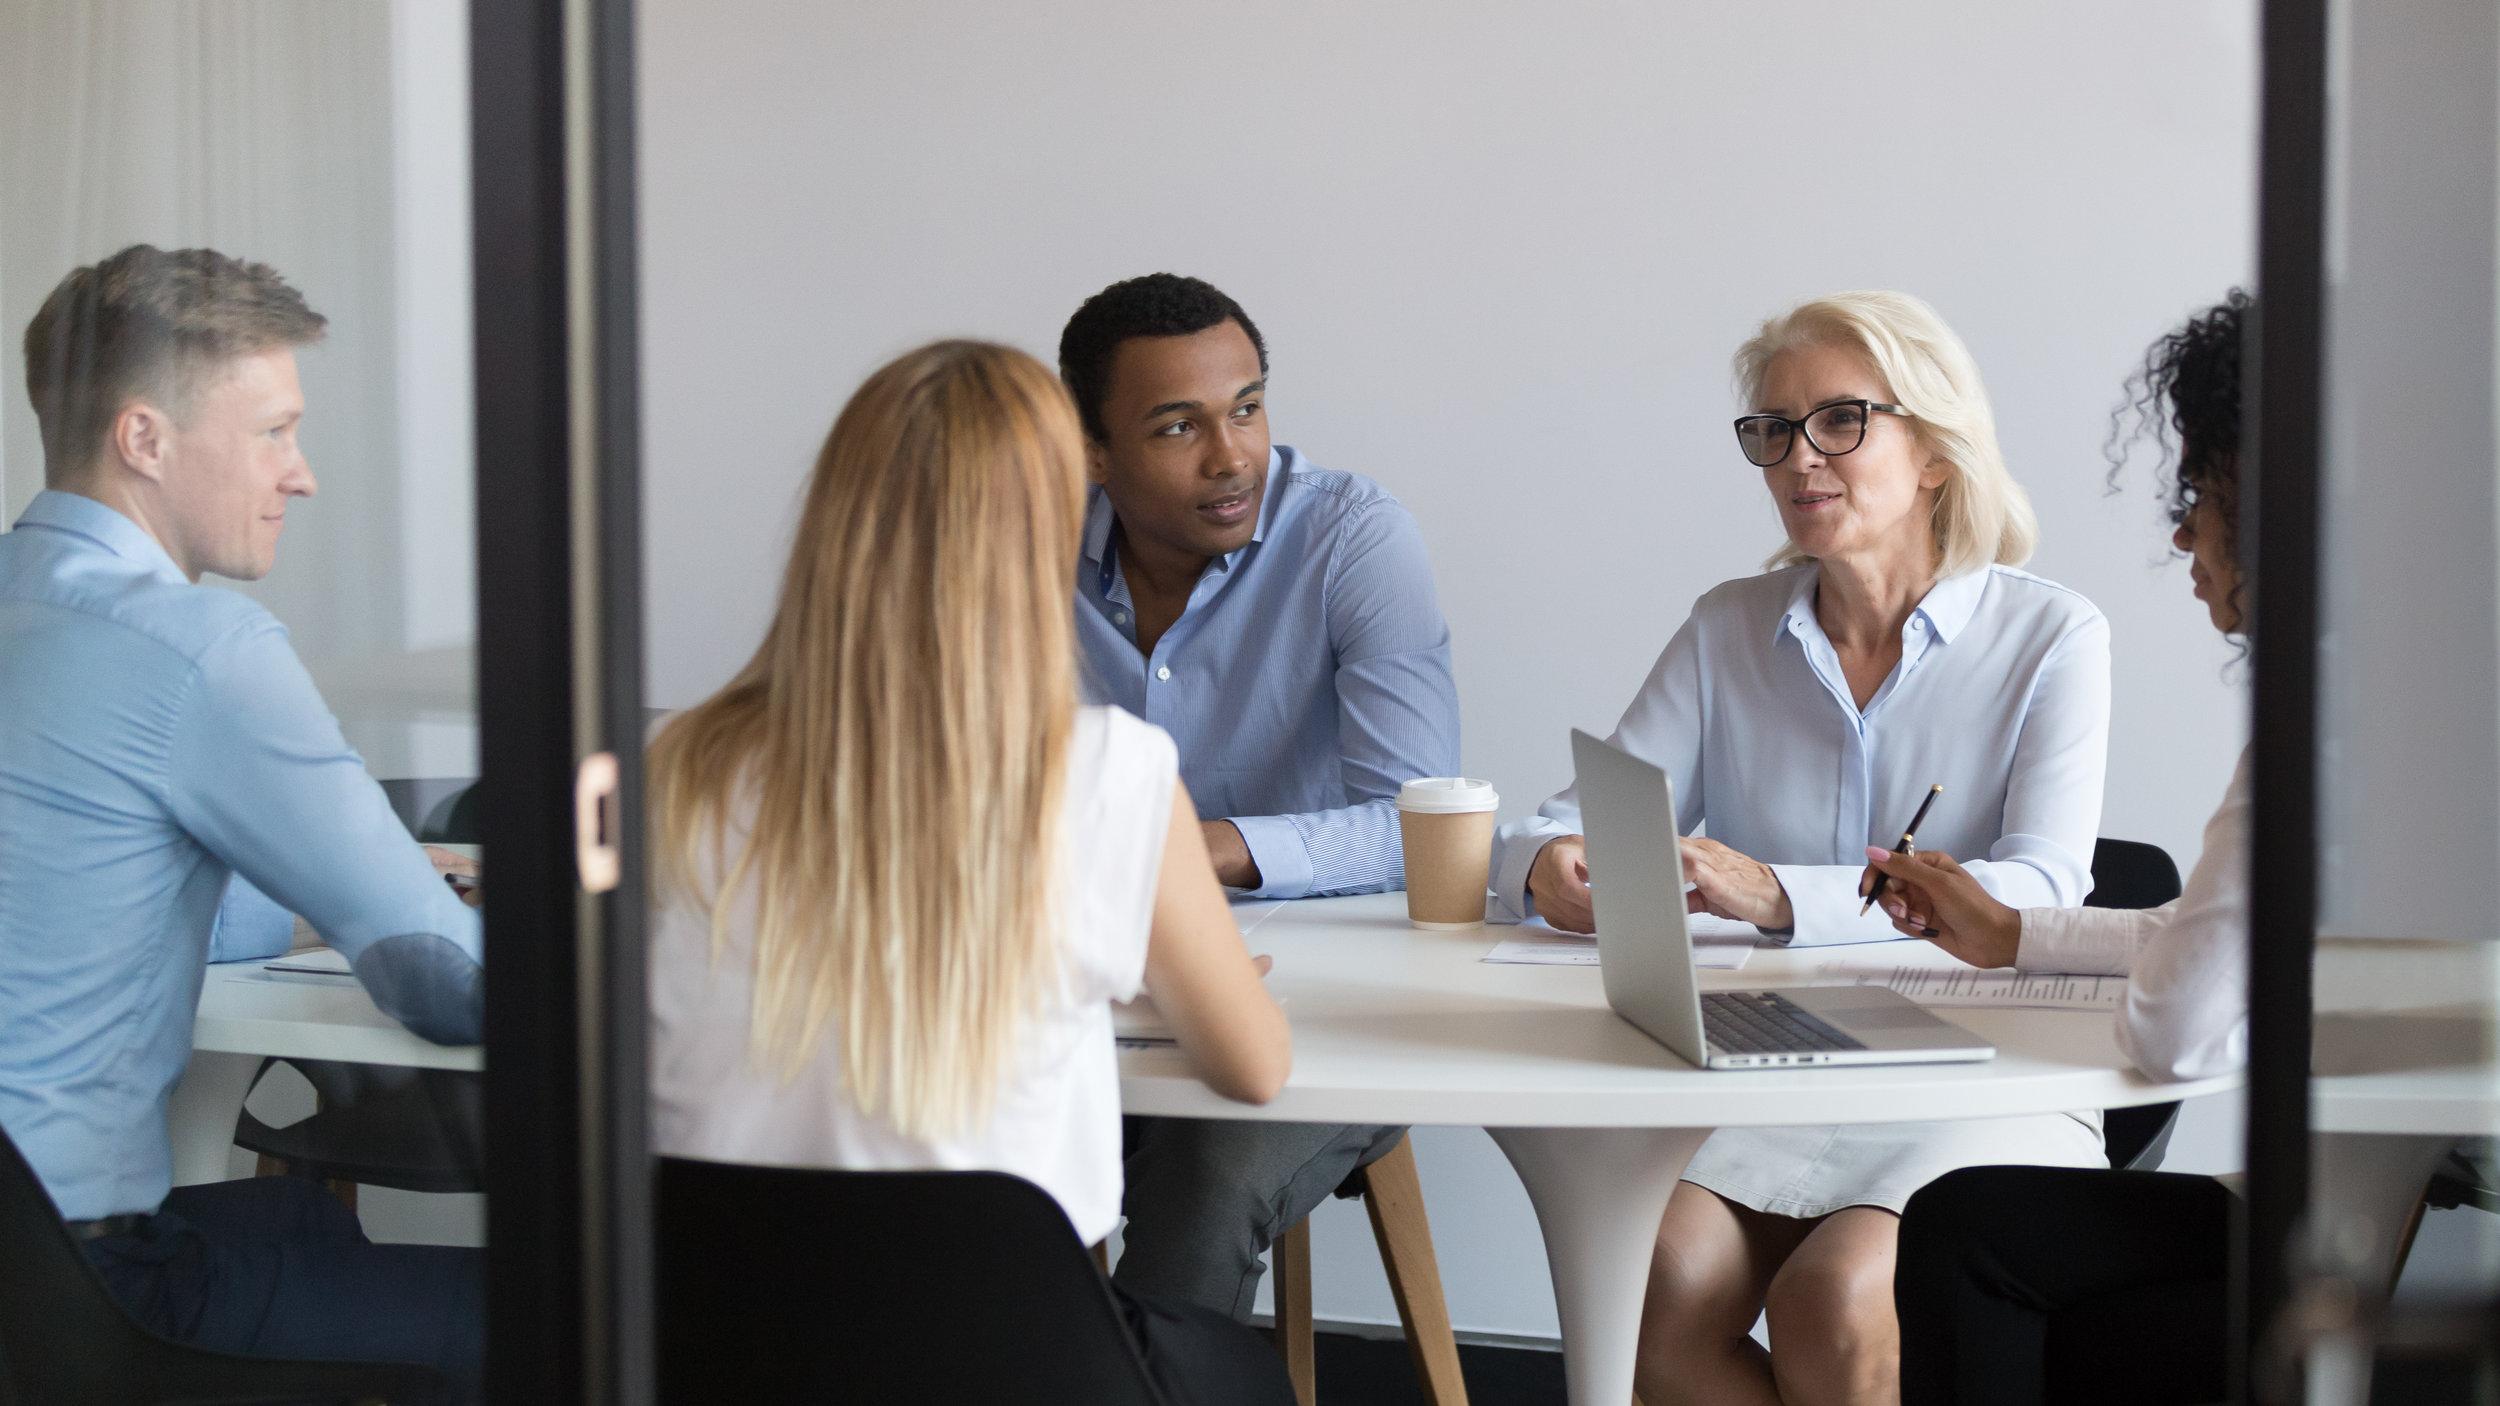 Créée par un agent immobilier, pour les agents immobiliers - Notre mission est d'utiliser la pédagogie pour renforcer vos compétences, votre performance et booster votre chiffre d'affaires. L'expertise Wimmo repose sur 25 ans d'immobilier, mêlant les aspects juridiques, financiers et commerciaux. Vous êtes entre de bonnes mains.